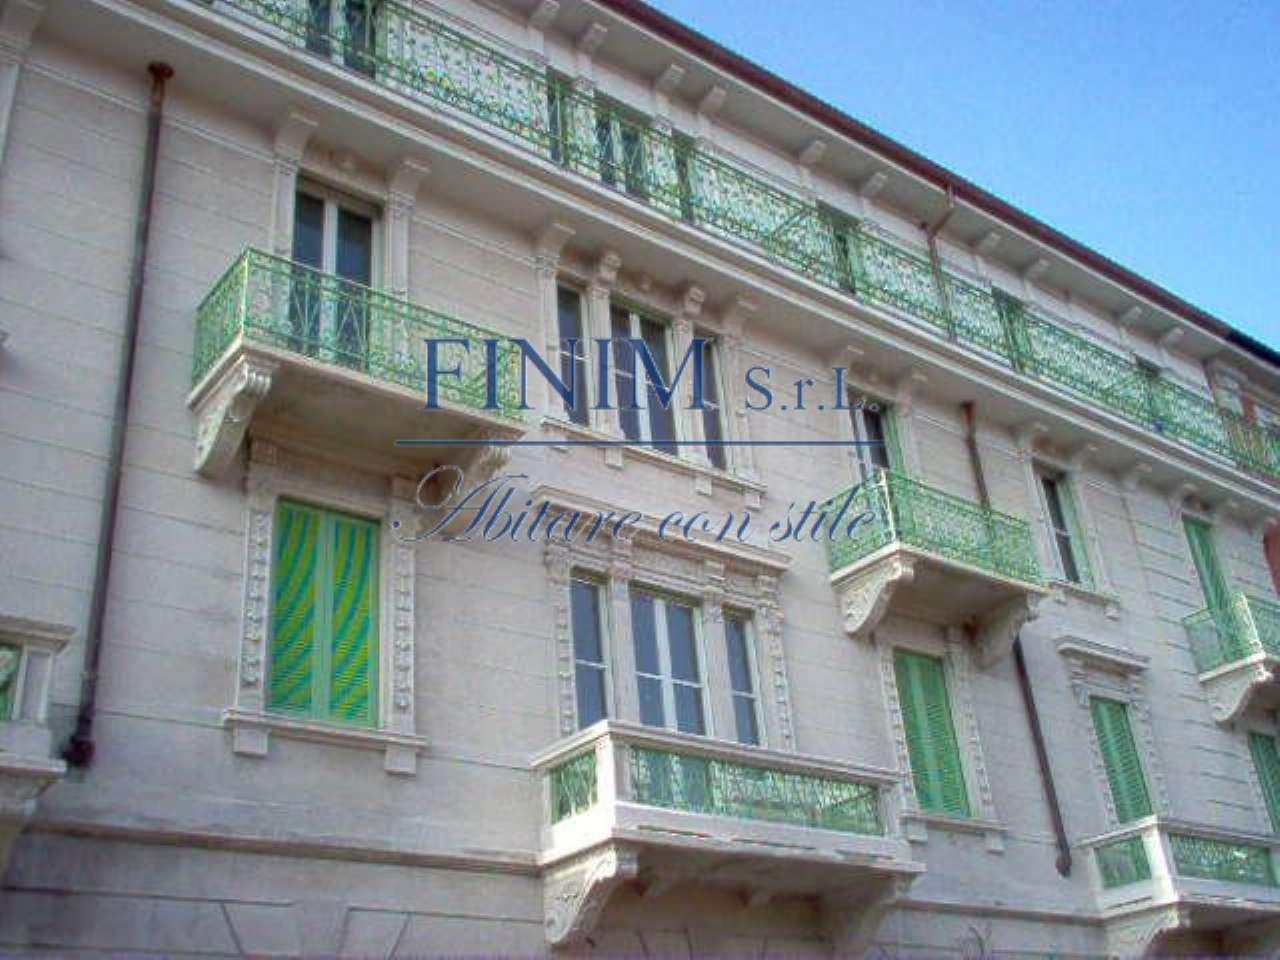 Appartamento in Affitto a Milano 30 Niguarda / Bovisasca / Testi / Bruzzano / Affori / Comasina: 3 locali, 70 mq